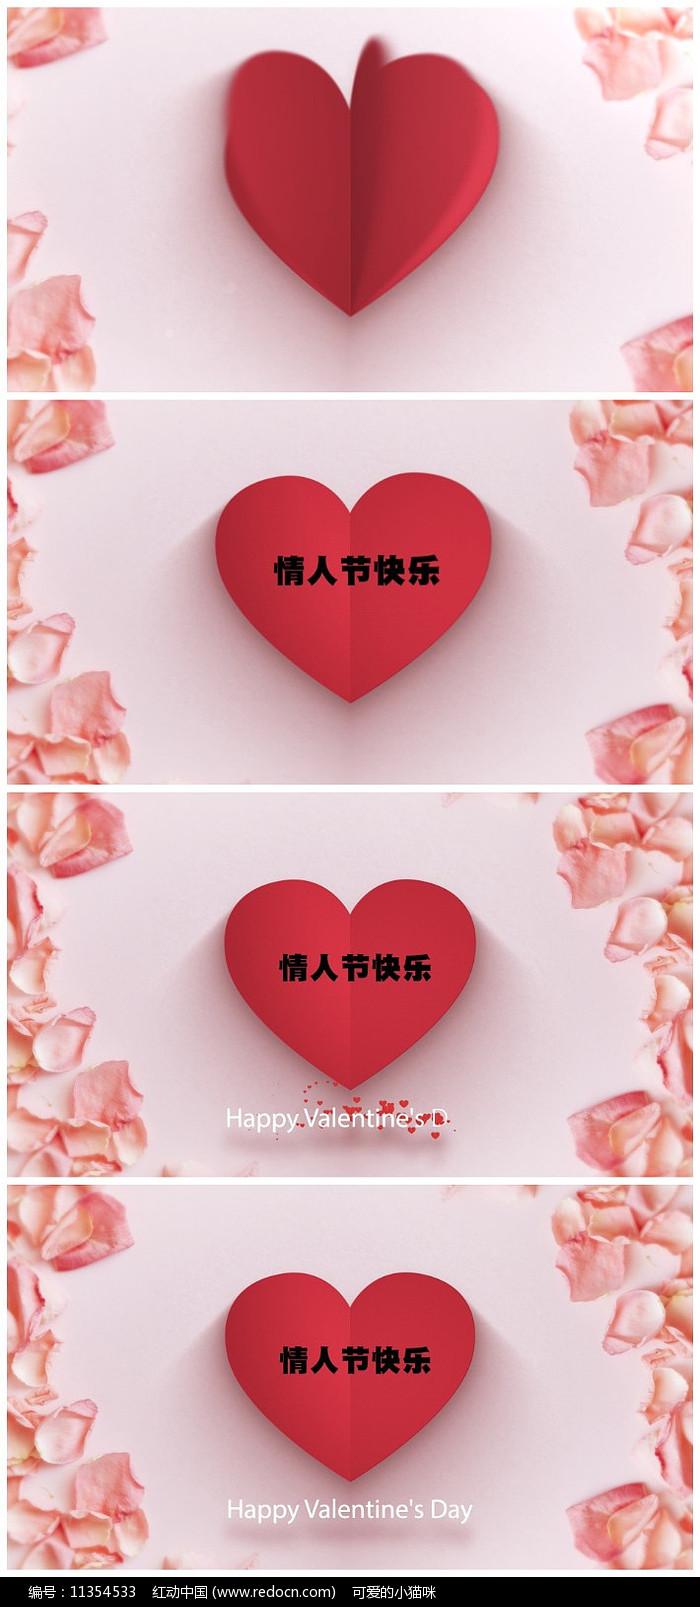 浪漫七夕情人节片头模板图片